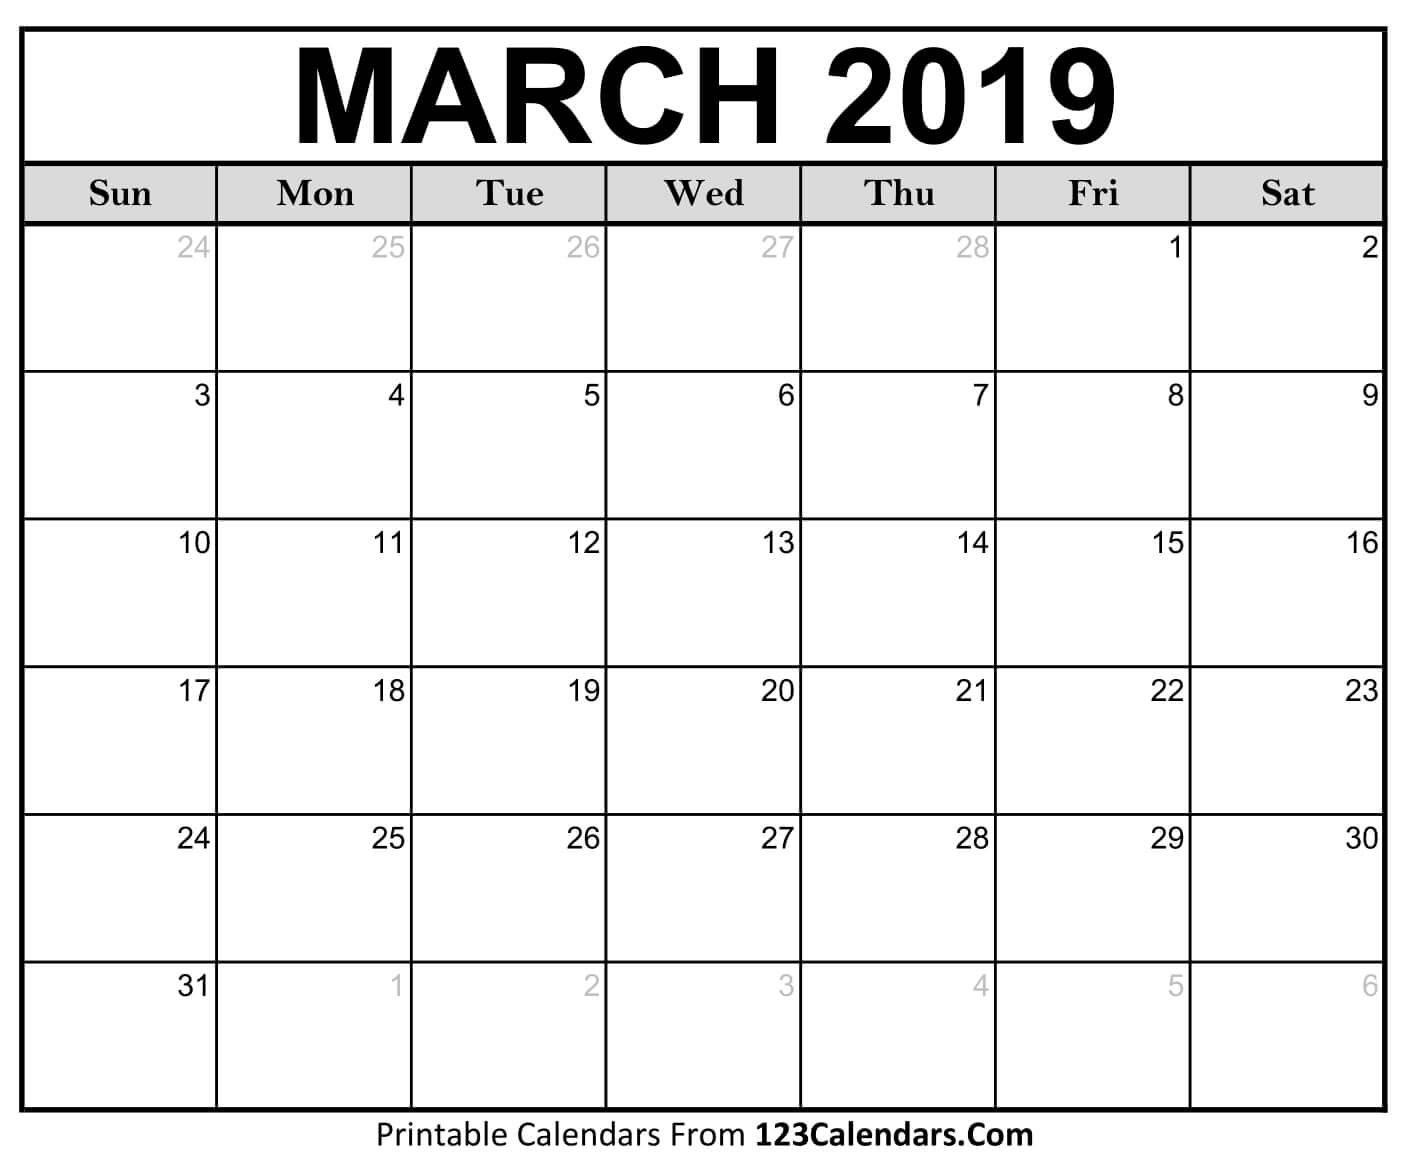 Printable March 2019 Calendar Templates – 123Calendars A Calendar For March 2019